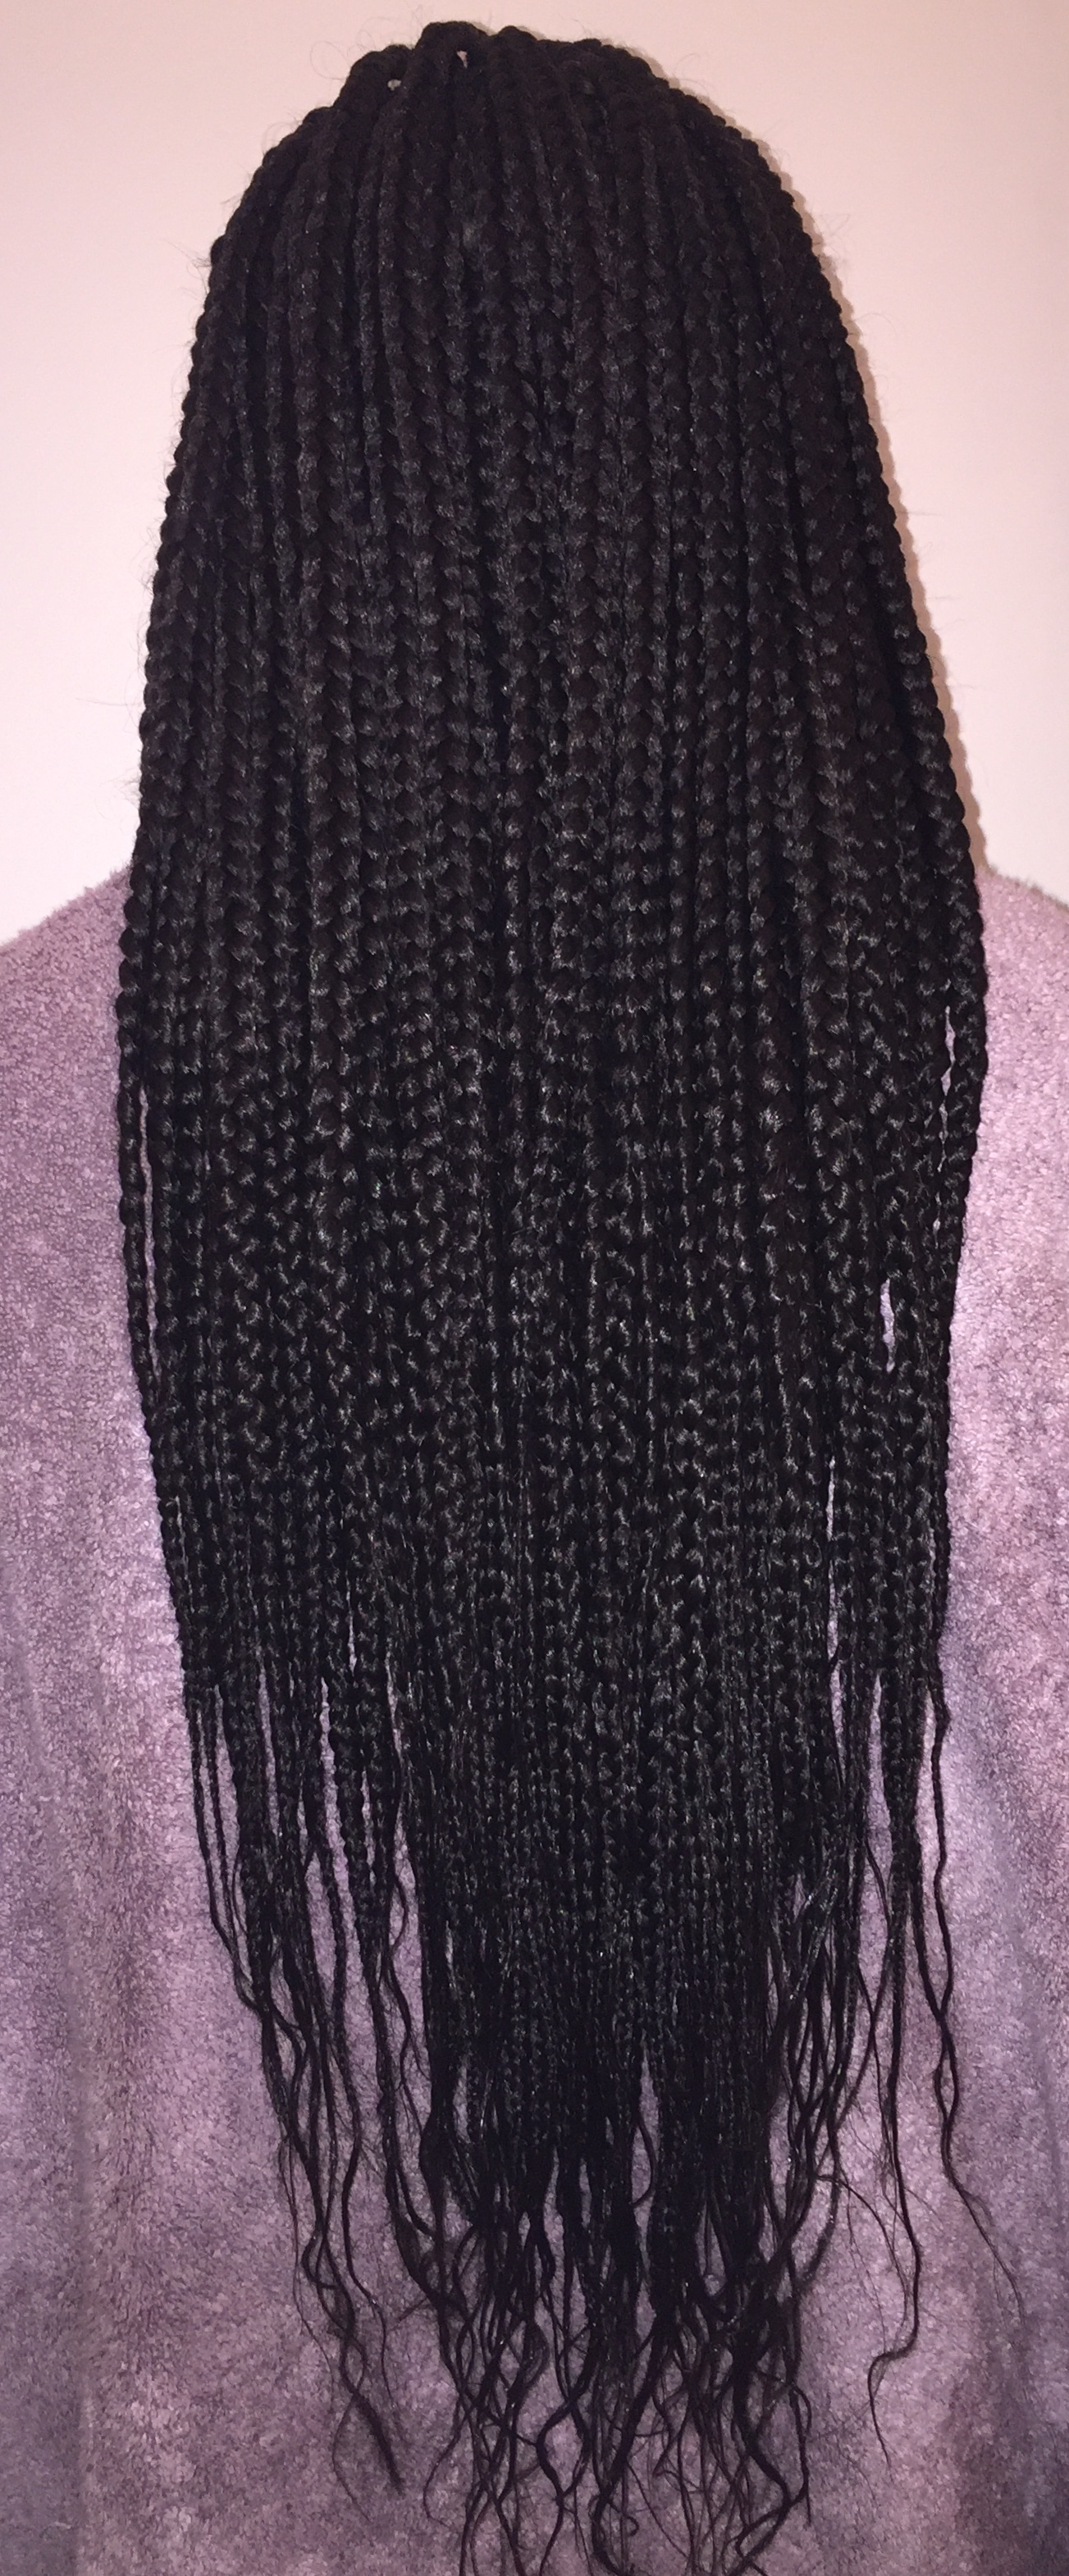 salon de coiffure afro tresse tresses box braids crochet braids vanilles tissages paris 75 77 78 91 92 93 94 95 VMBDDPOK